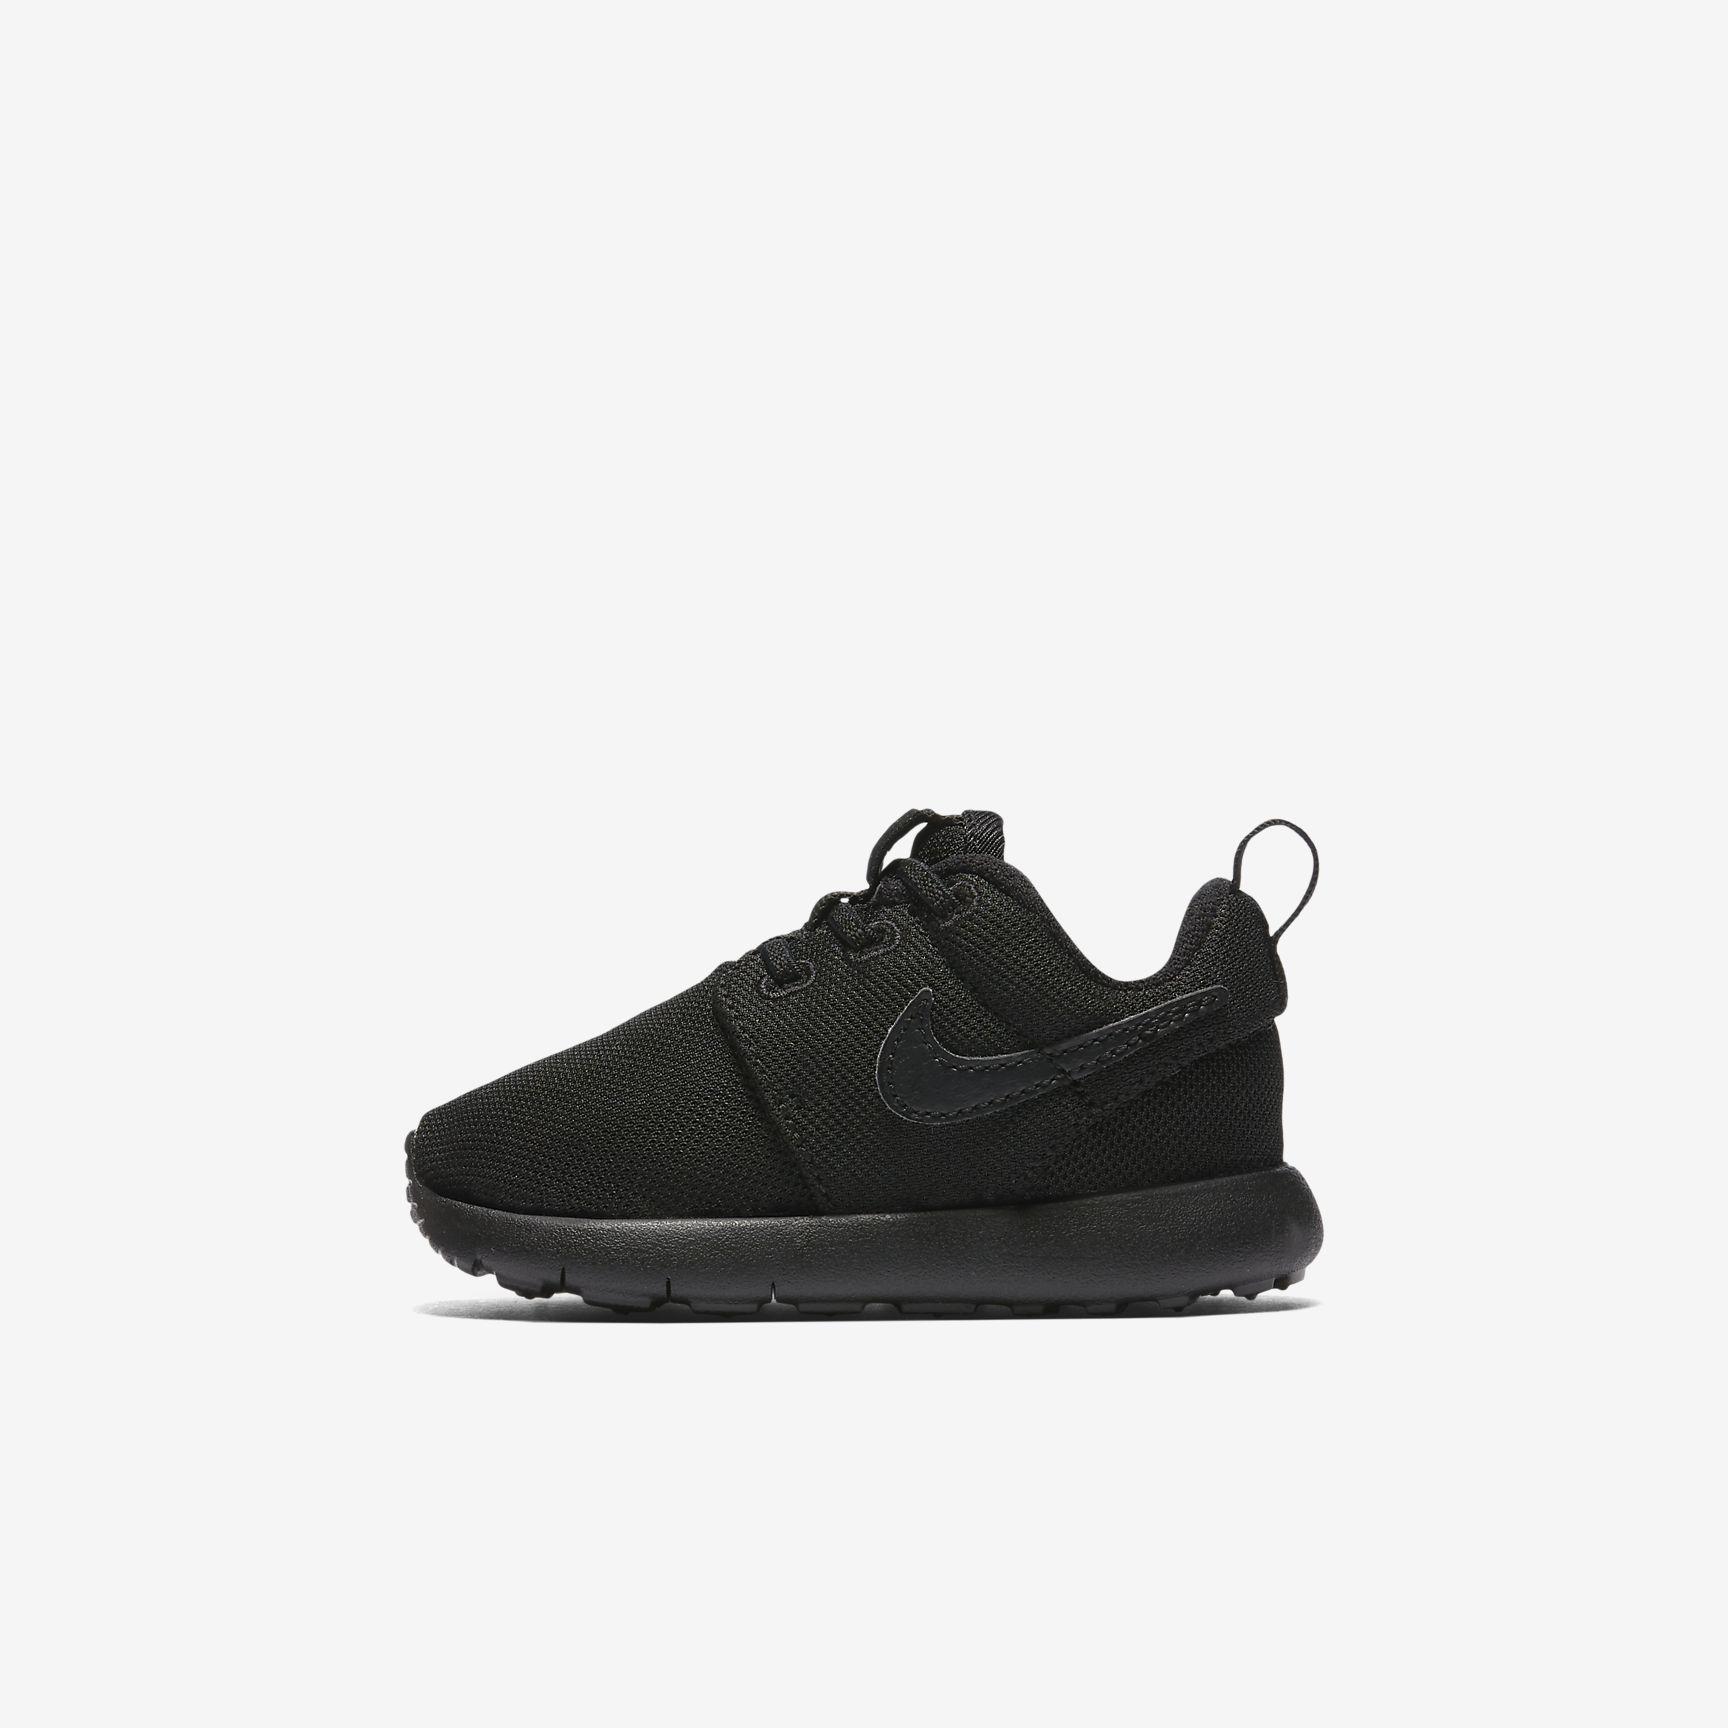 Nike Roshe One Infant/Toddler Shoe